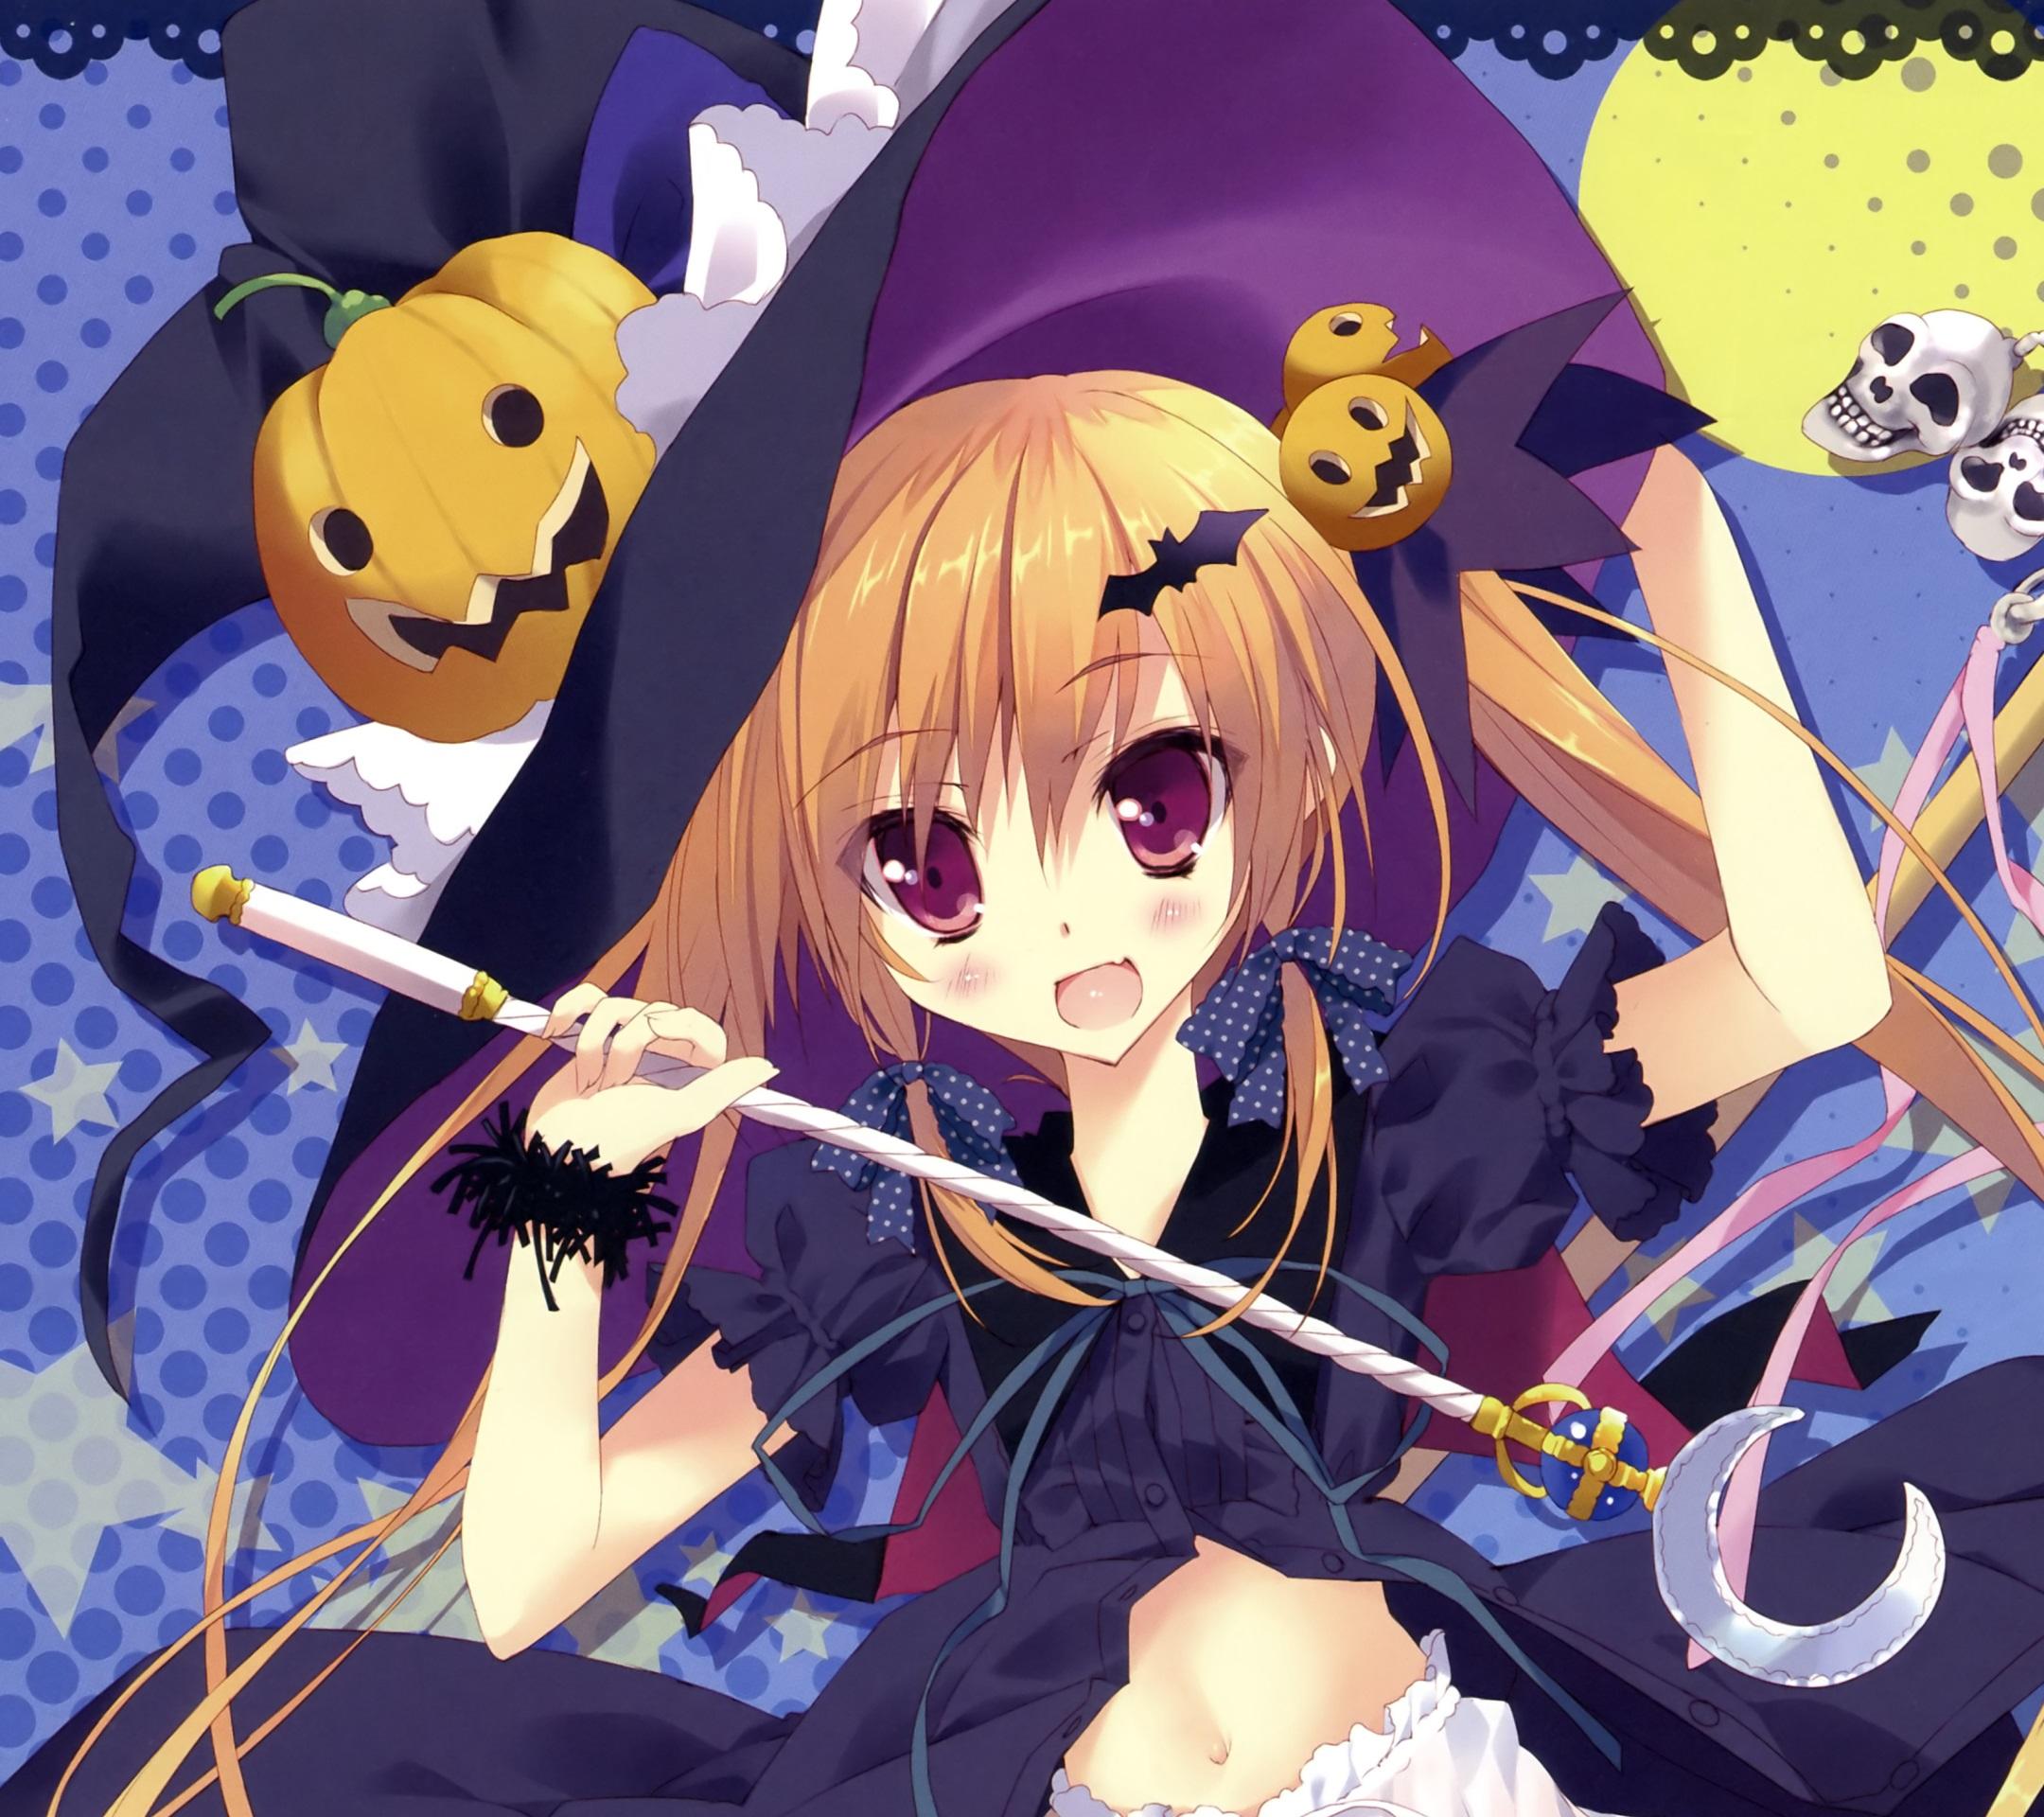 AnimeHalloween2013.Androidwallpaper.2160x19207.jpg